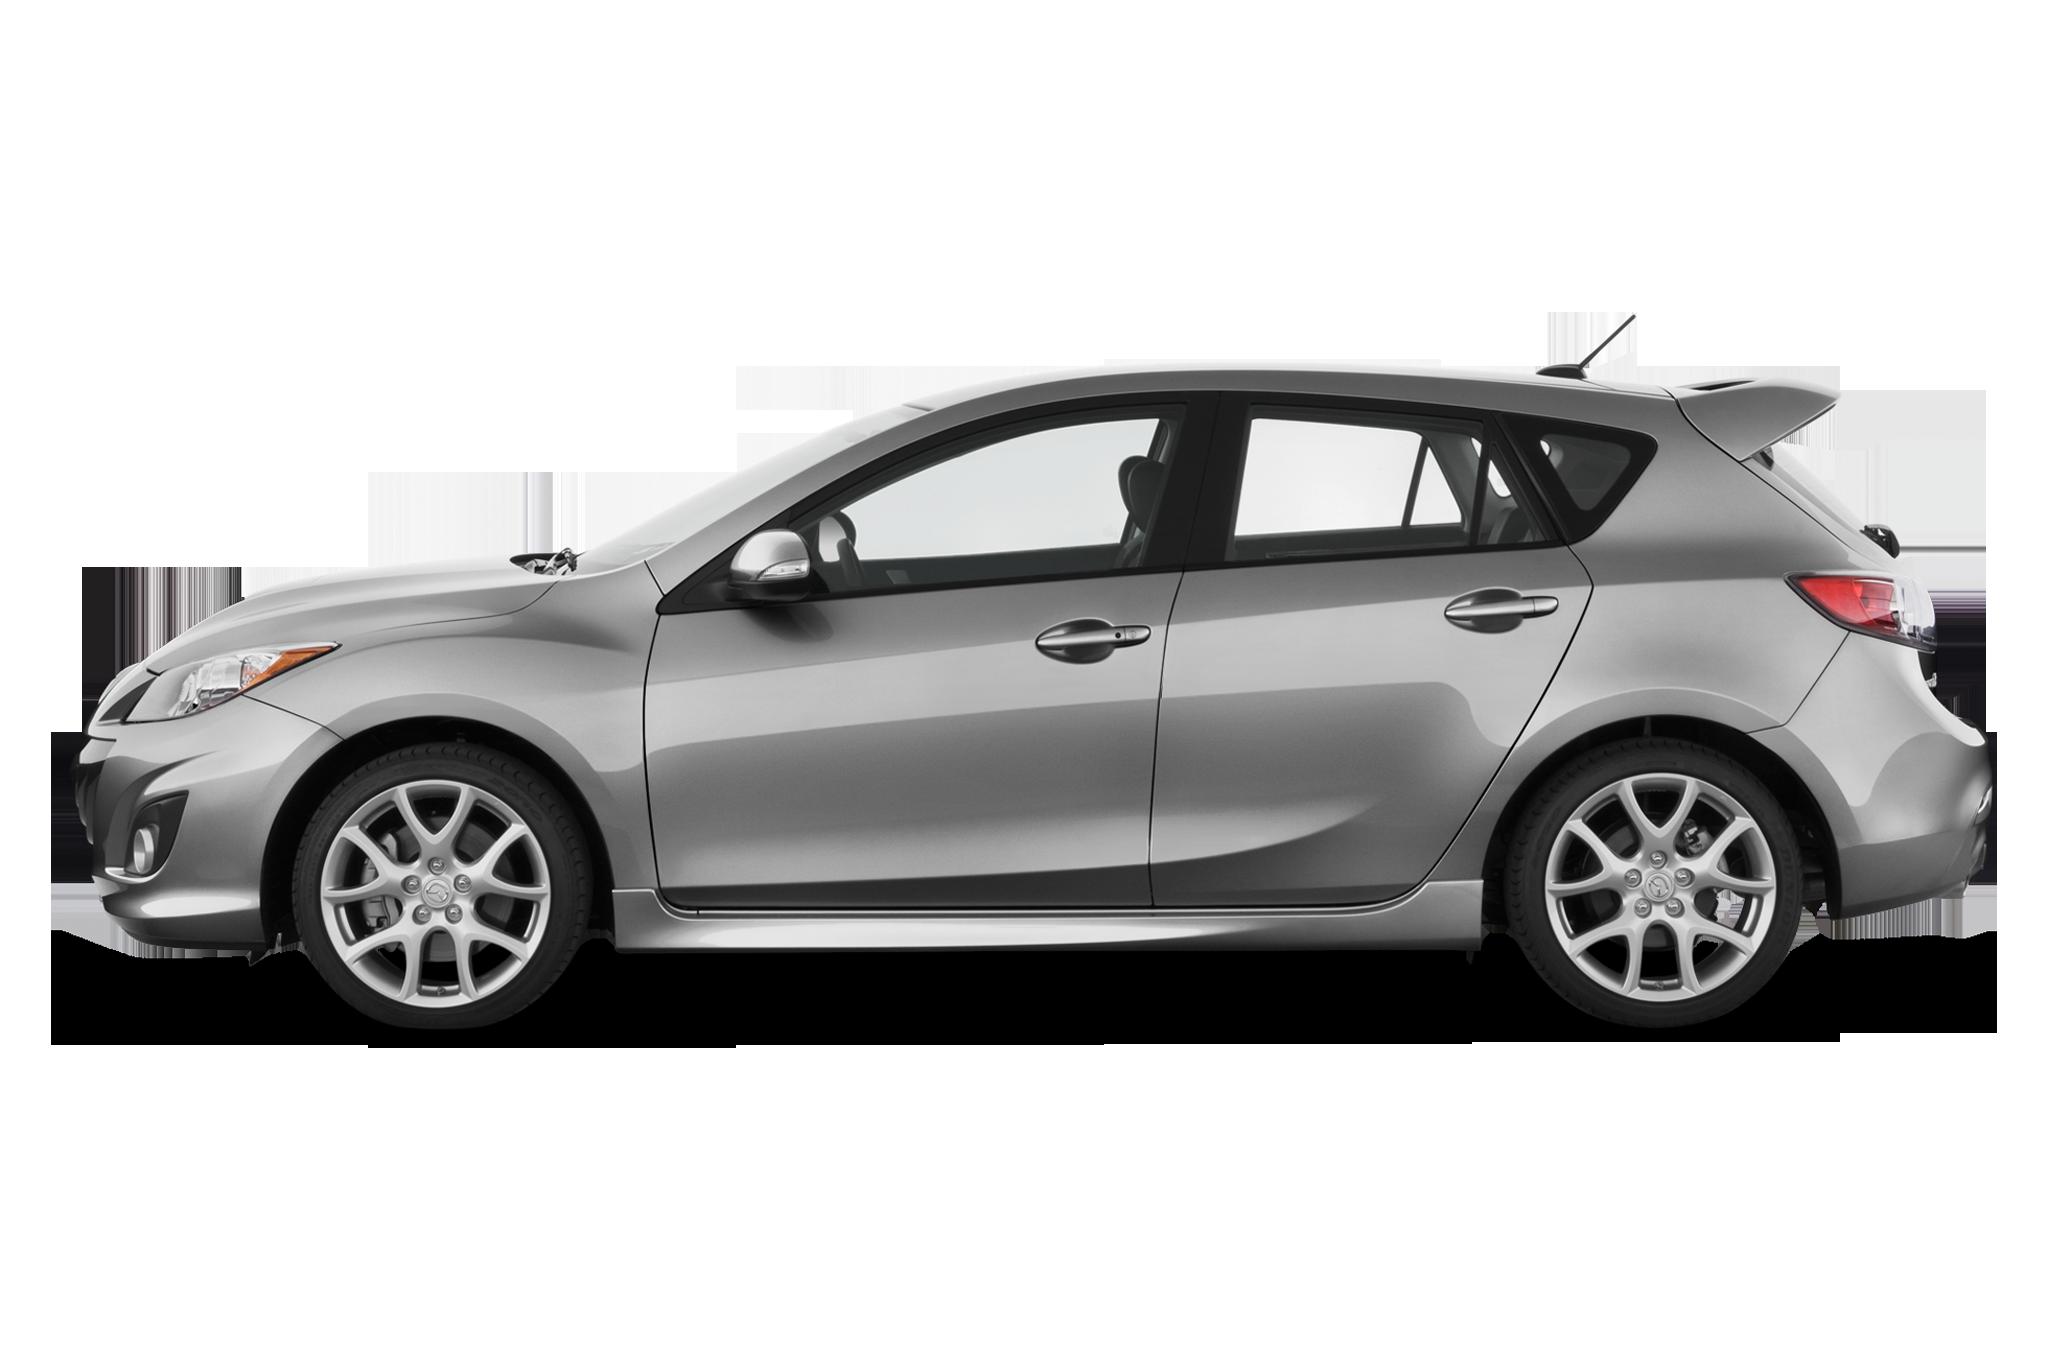 2010 Mazda 3 vs MazdaSpeed 3 Mazda Sports Hatchback Review